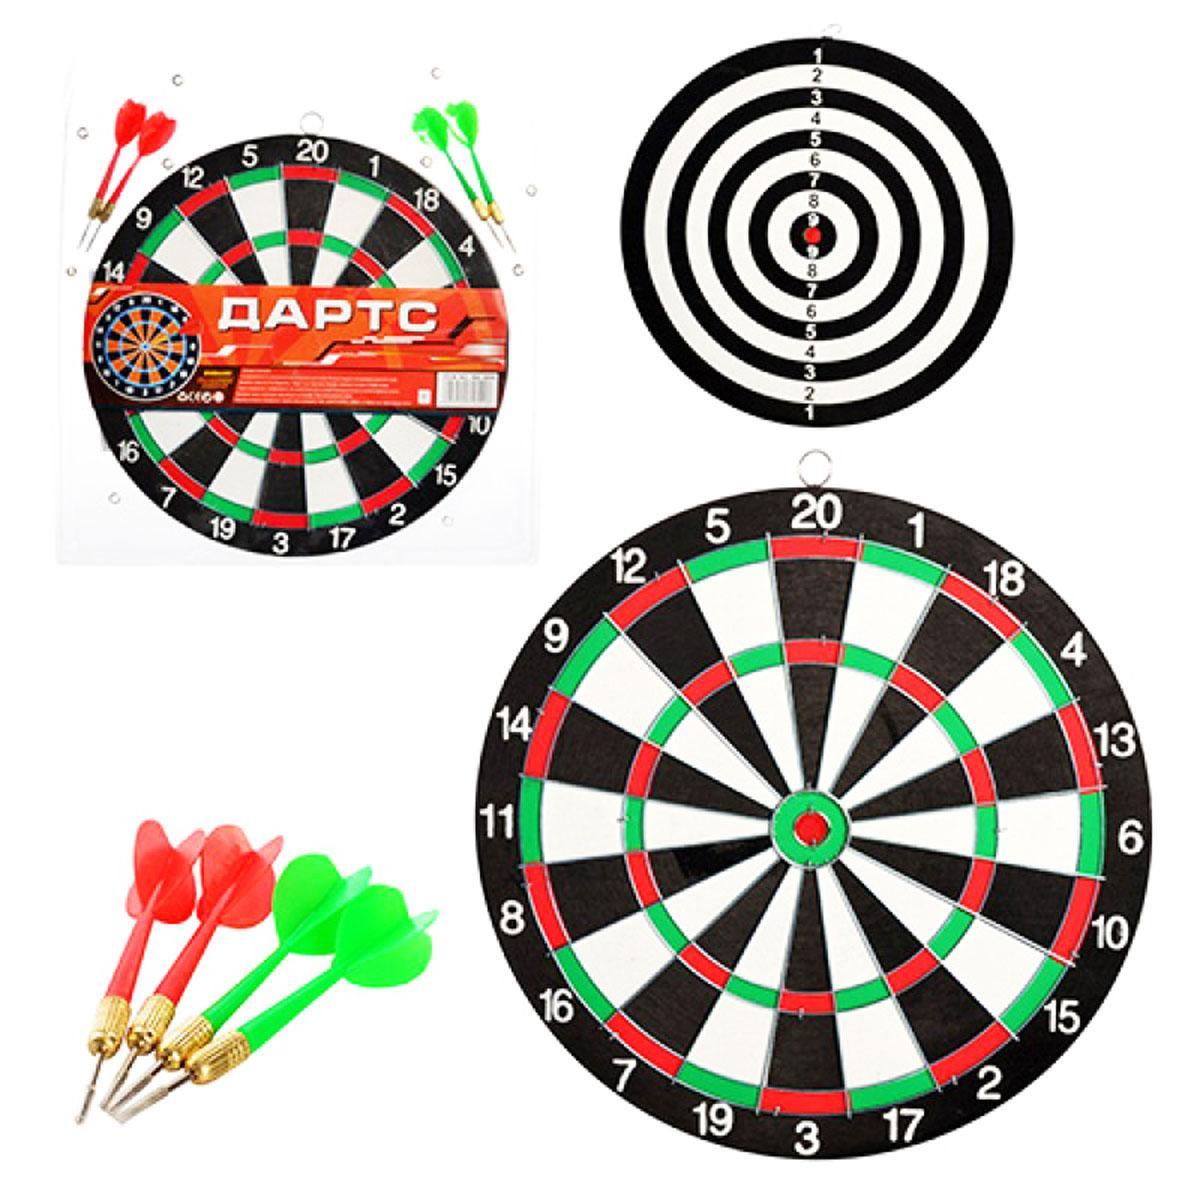 Дартс - спортивная игра для активных